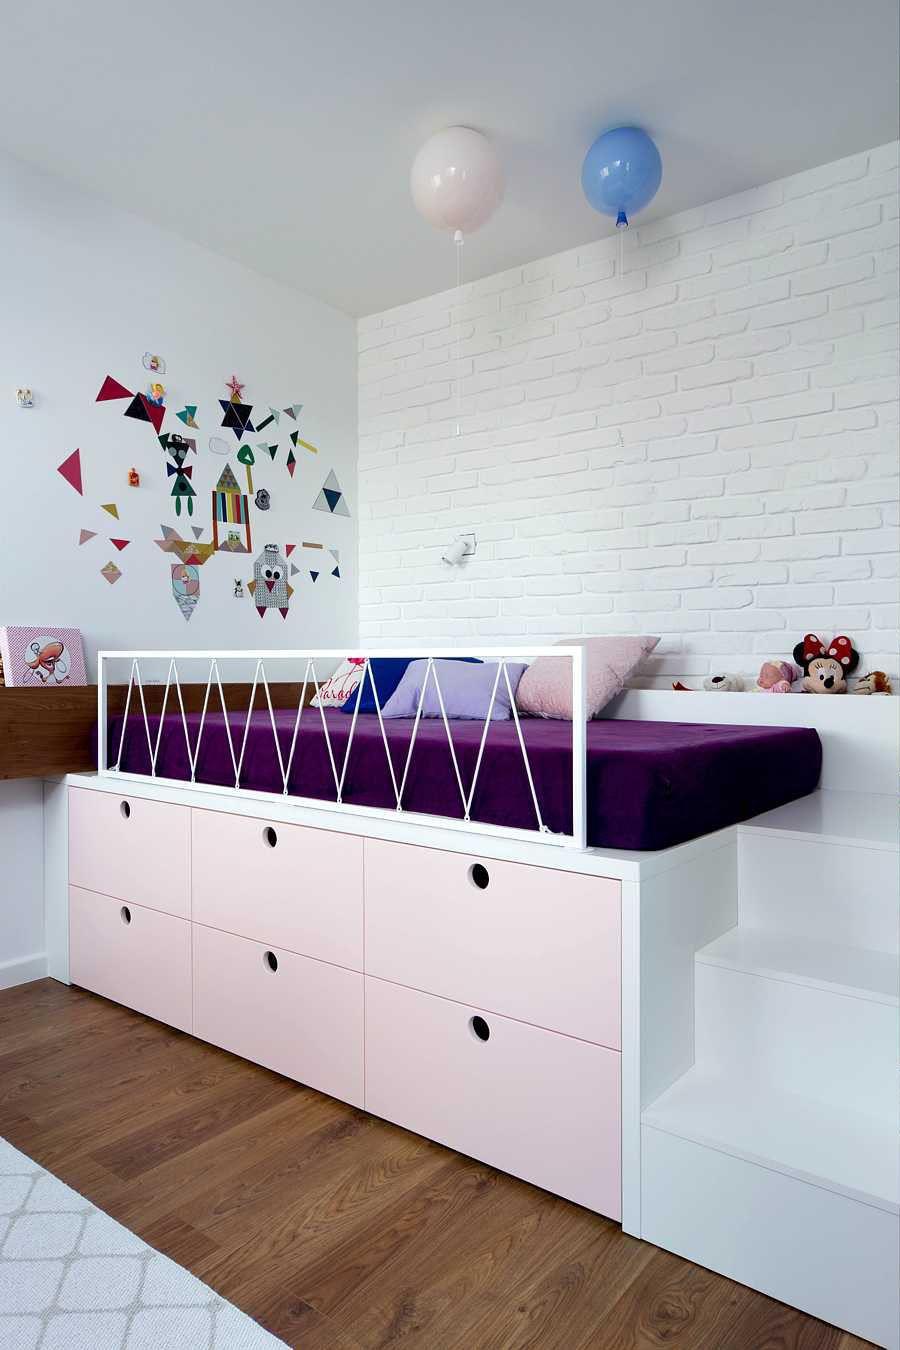 chambre enfant violet rose lit estrade déco intérieure mur briques blanches